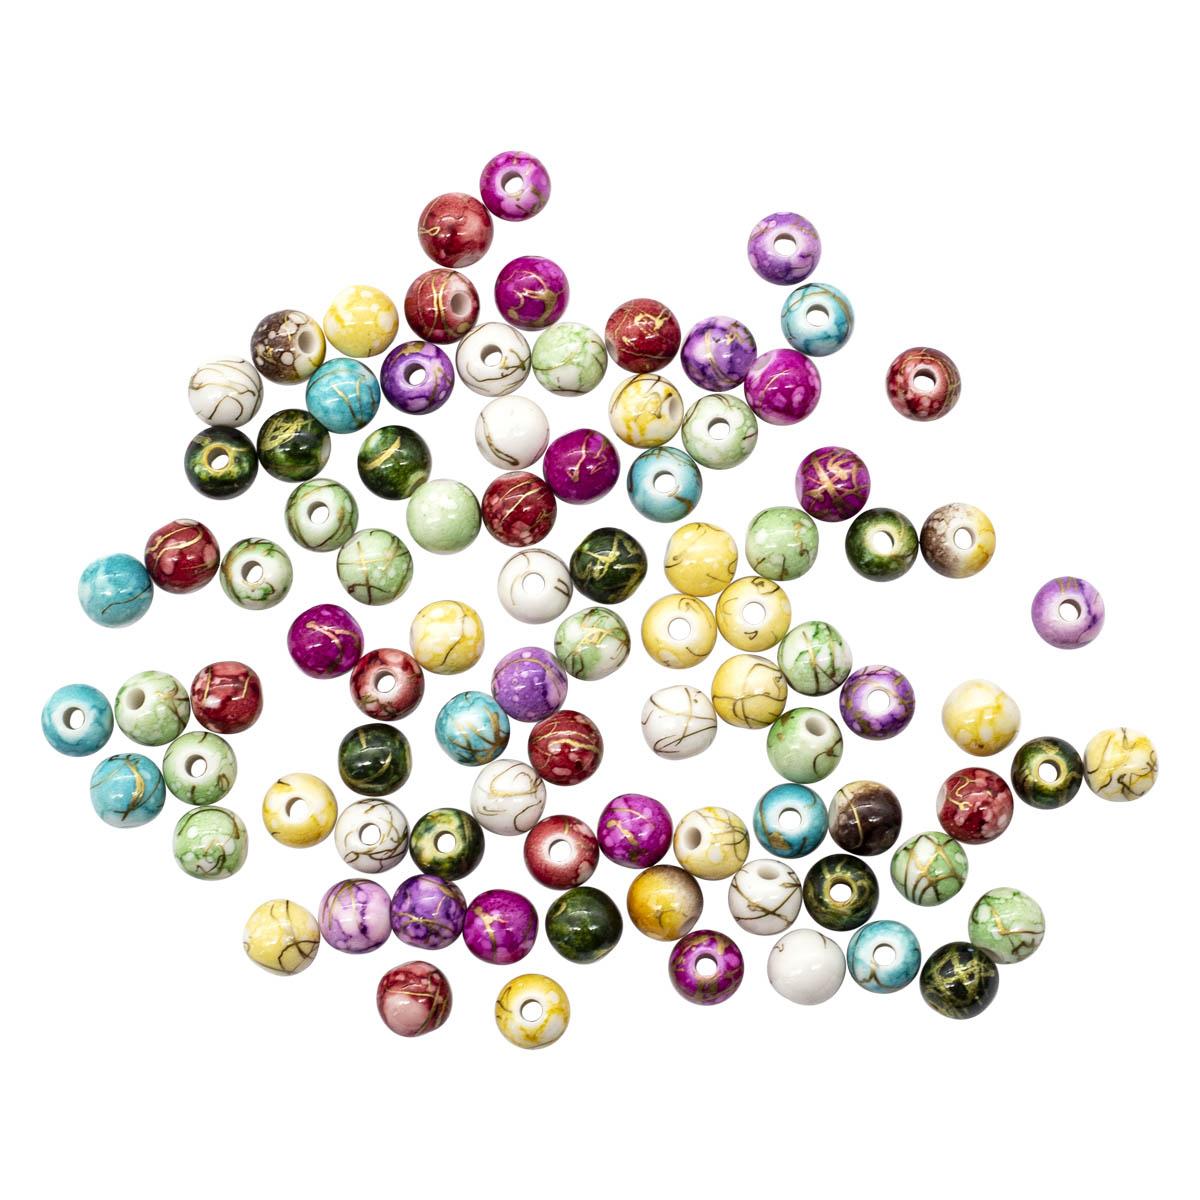 2008 Бусины пластиковые, разноцветные, d 7 мм, упак./90 шт., 'Астра'